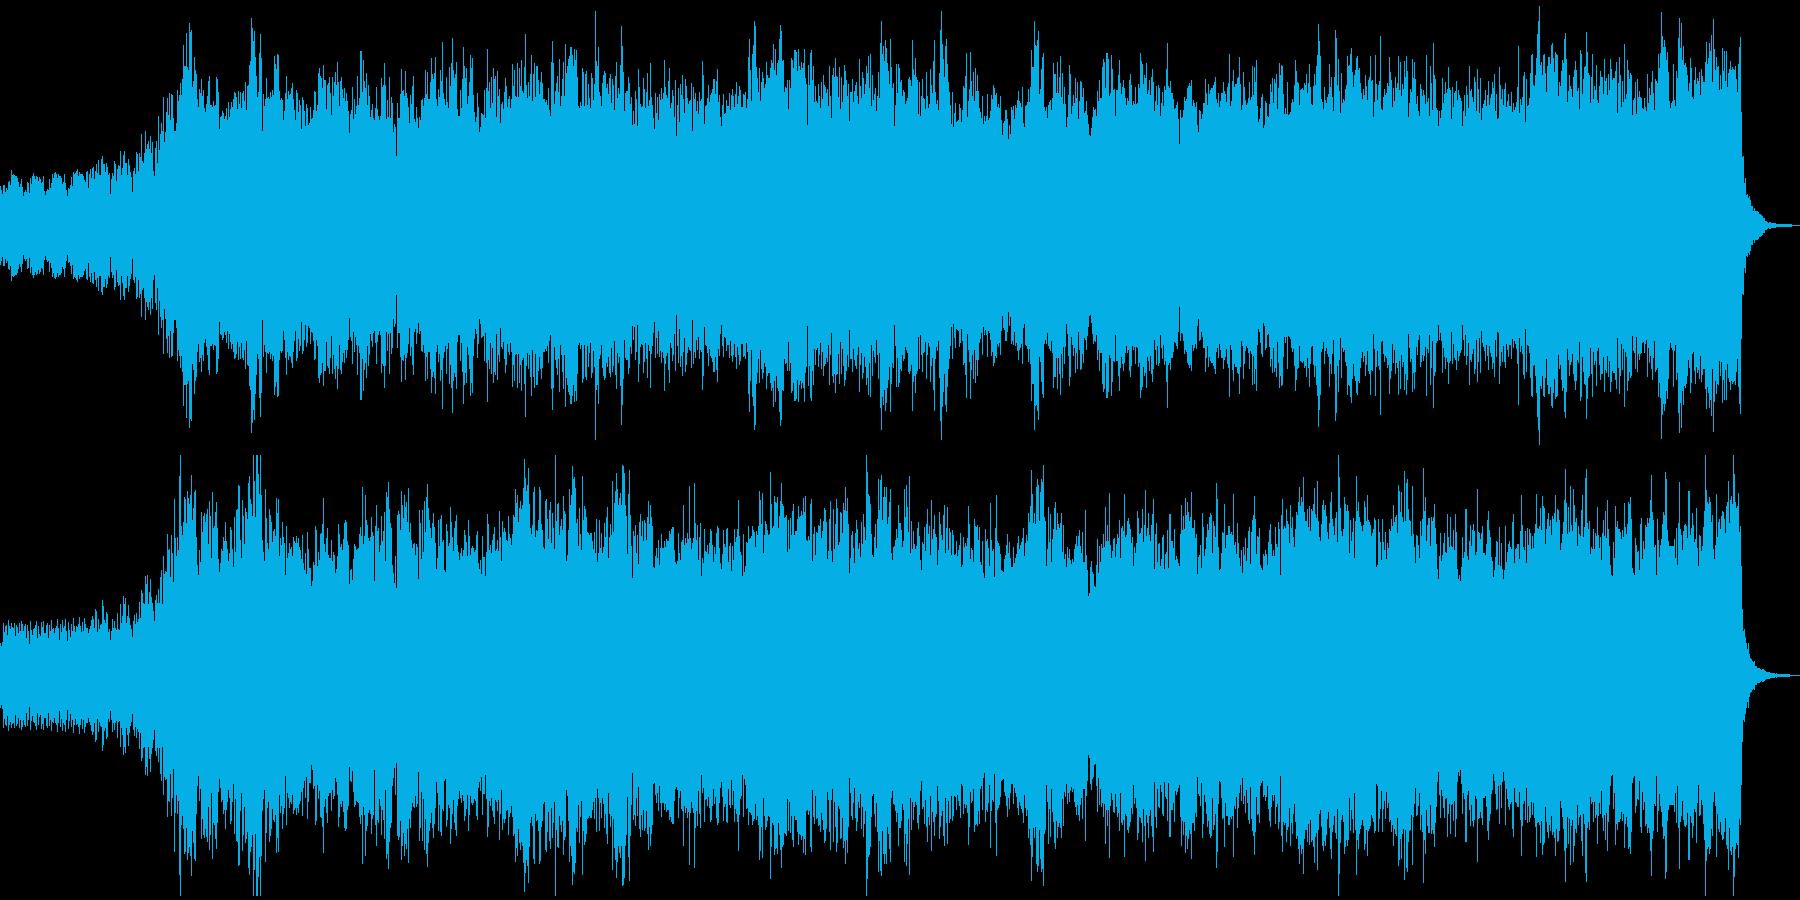 トランペットの爽やかなフィールド系BGMの再生済みの波形